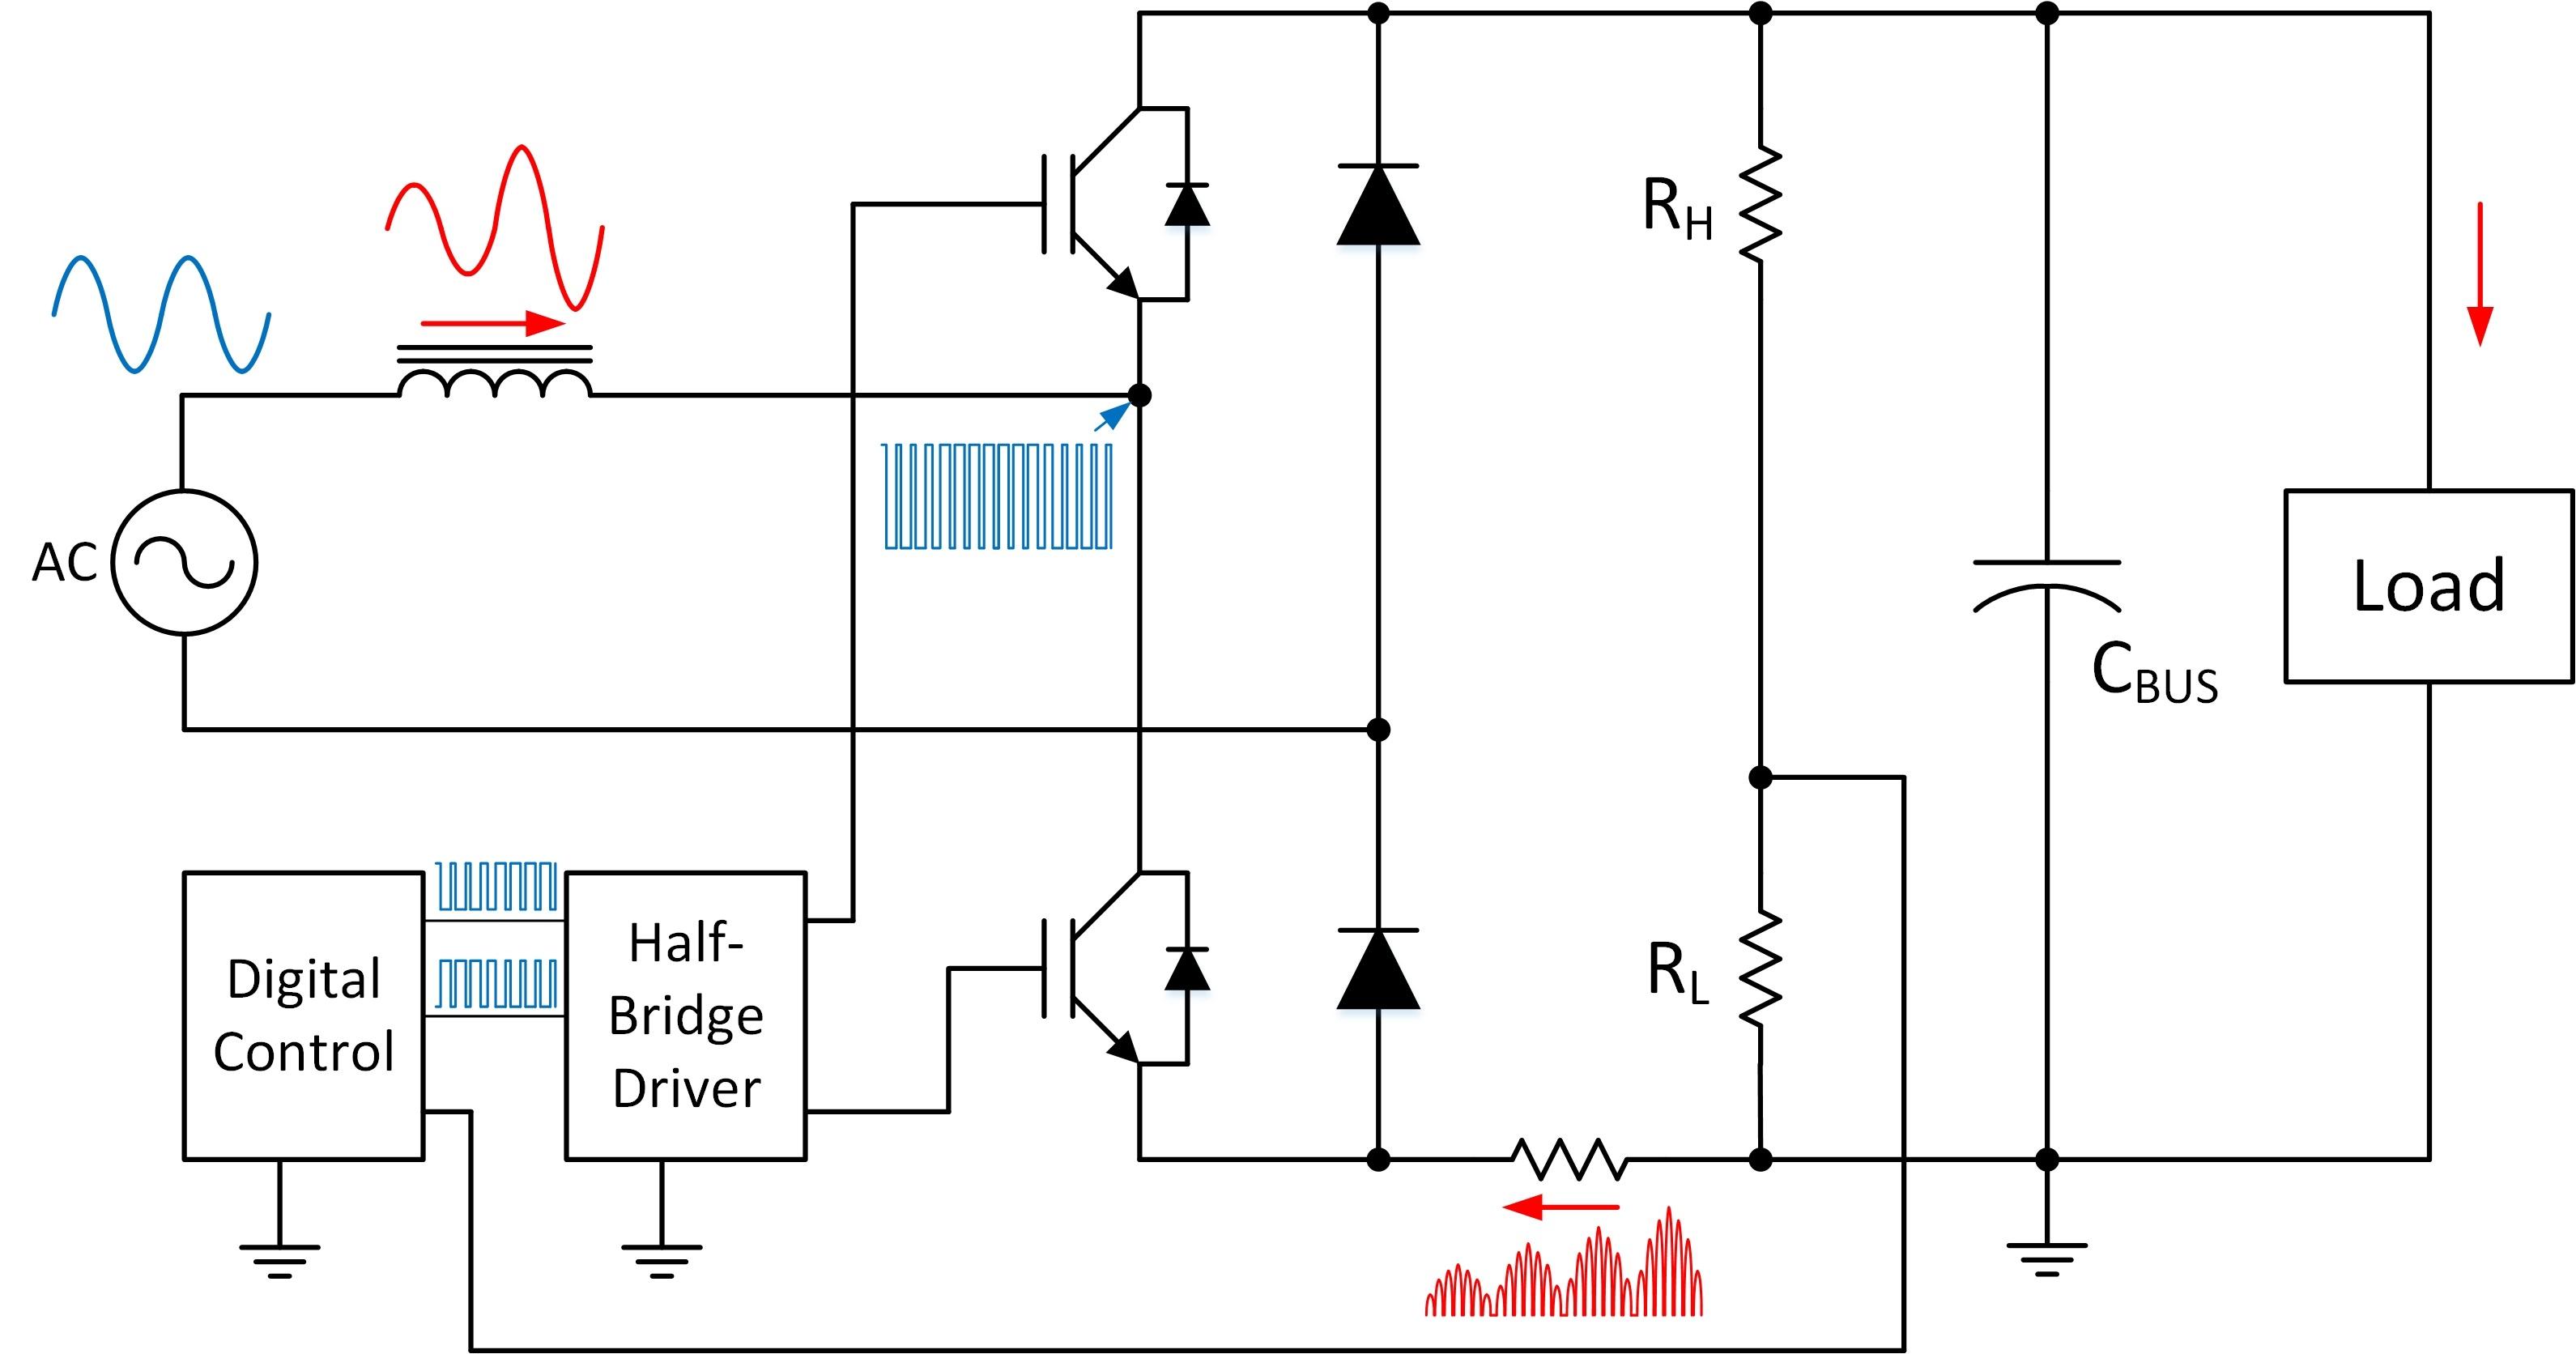 Diagram Wiring Diagram Air Conditioner Inverter Full